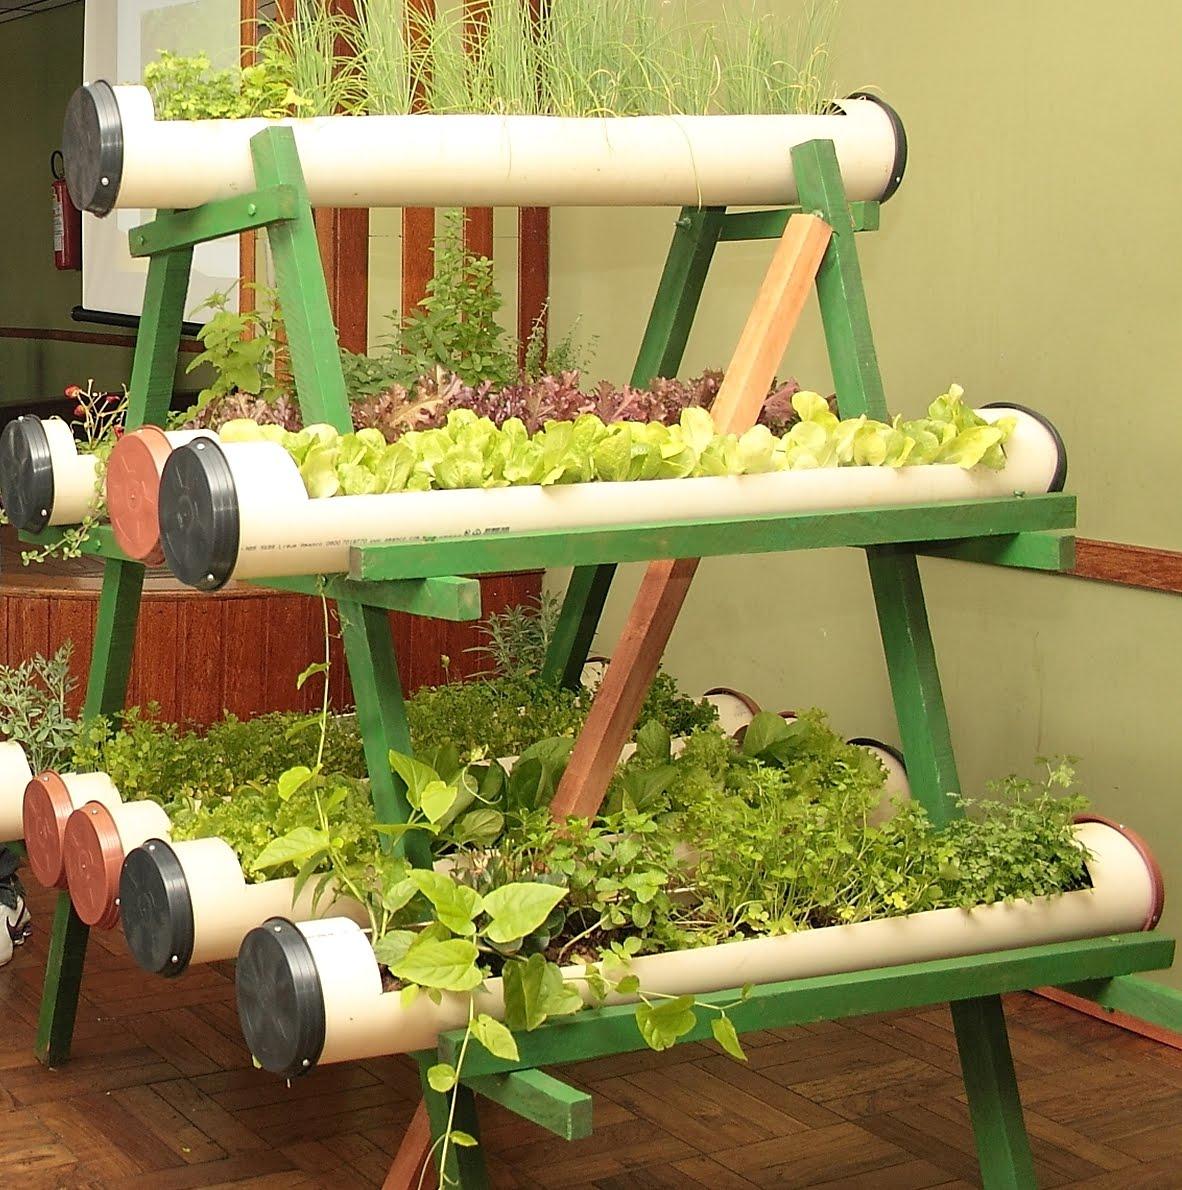 Diy Pvc Gardening Ideas And Projects: Horta Em Casa Saiba Como Cultivar